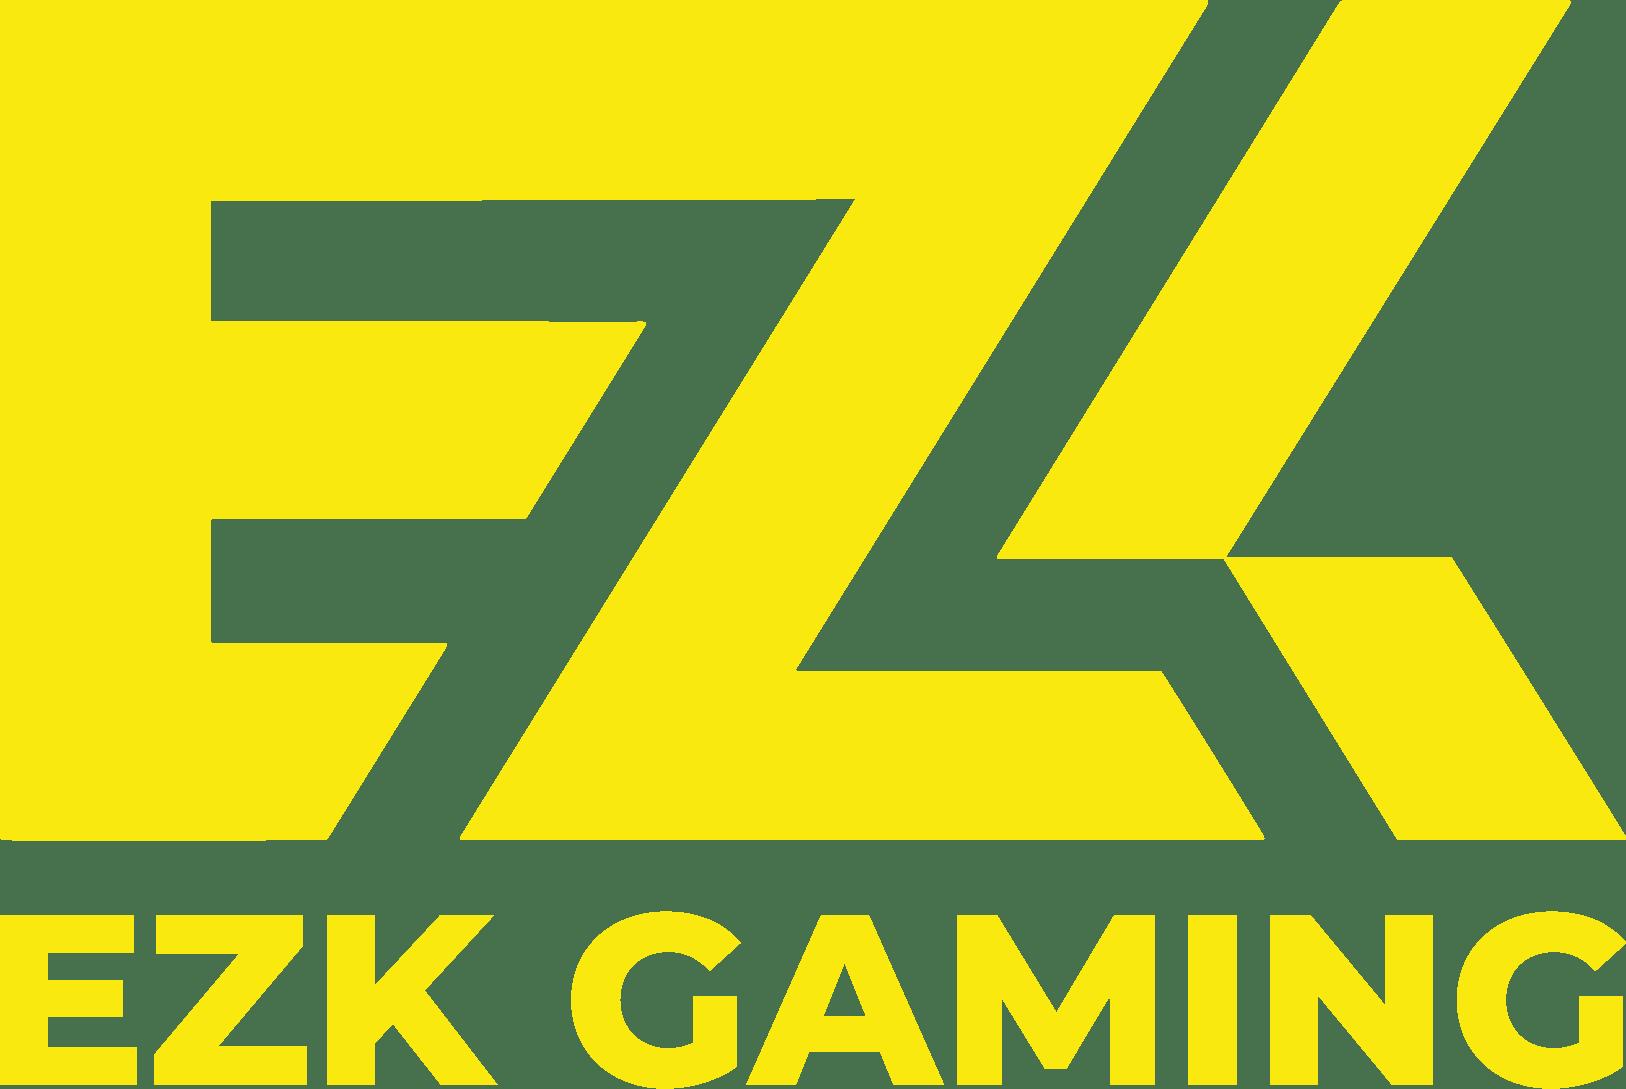 EZK GAMING